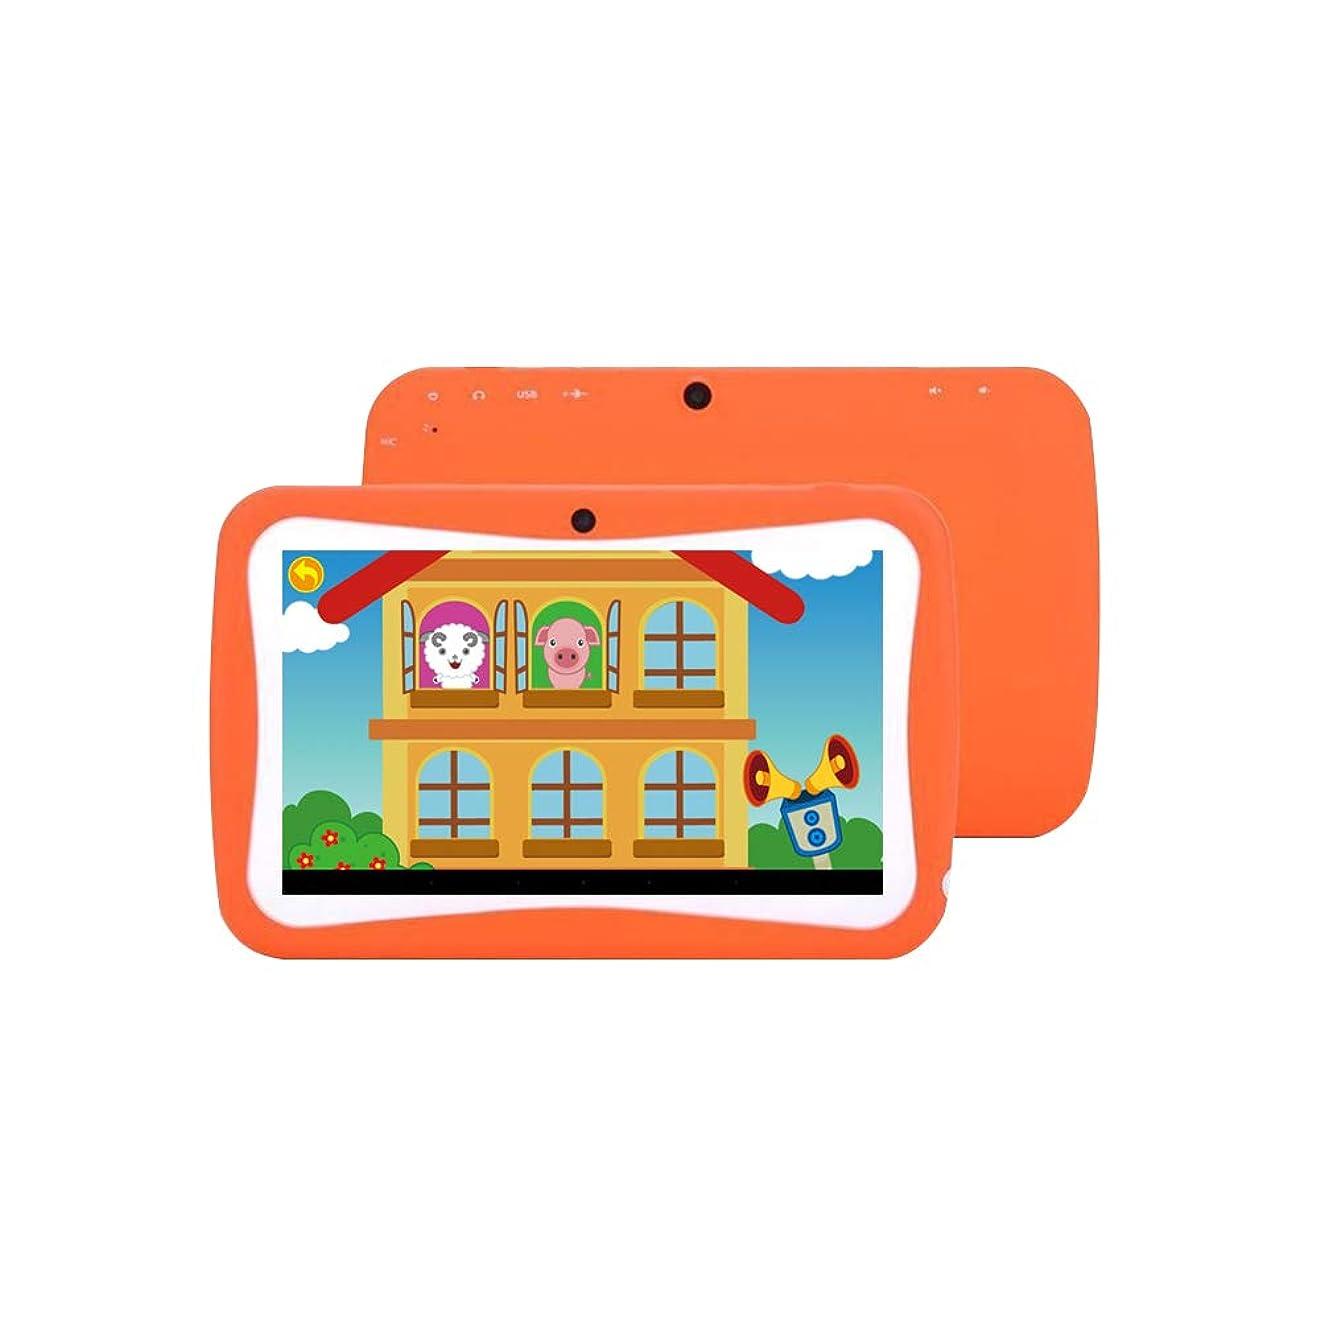 教え弾力性のある飼い慣らすKKmoon Q728 クアッドコア 7インチ タブレット pc wifi 教育学習コンピュータ用 子供 キッズ アンドロイド 4.4 シリコーンケース Orange 米国プラグ